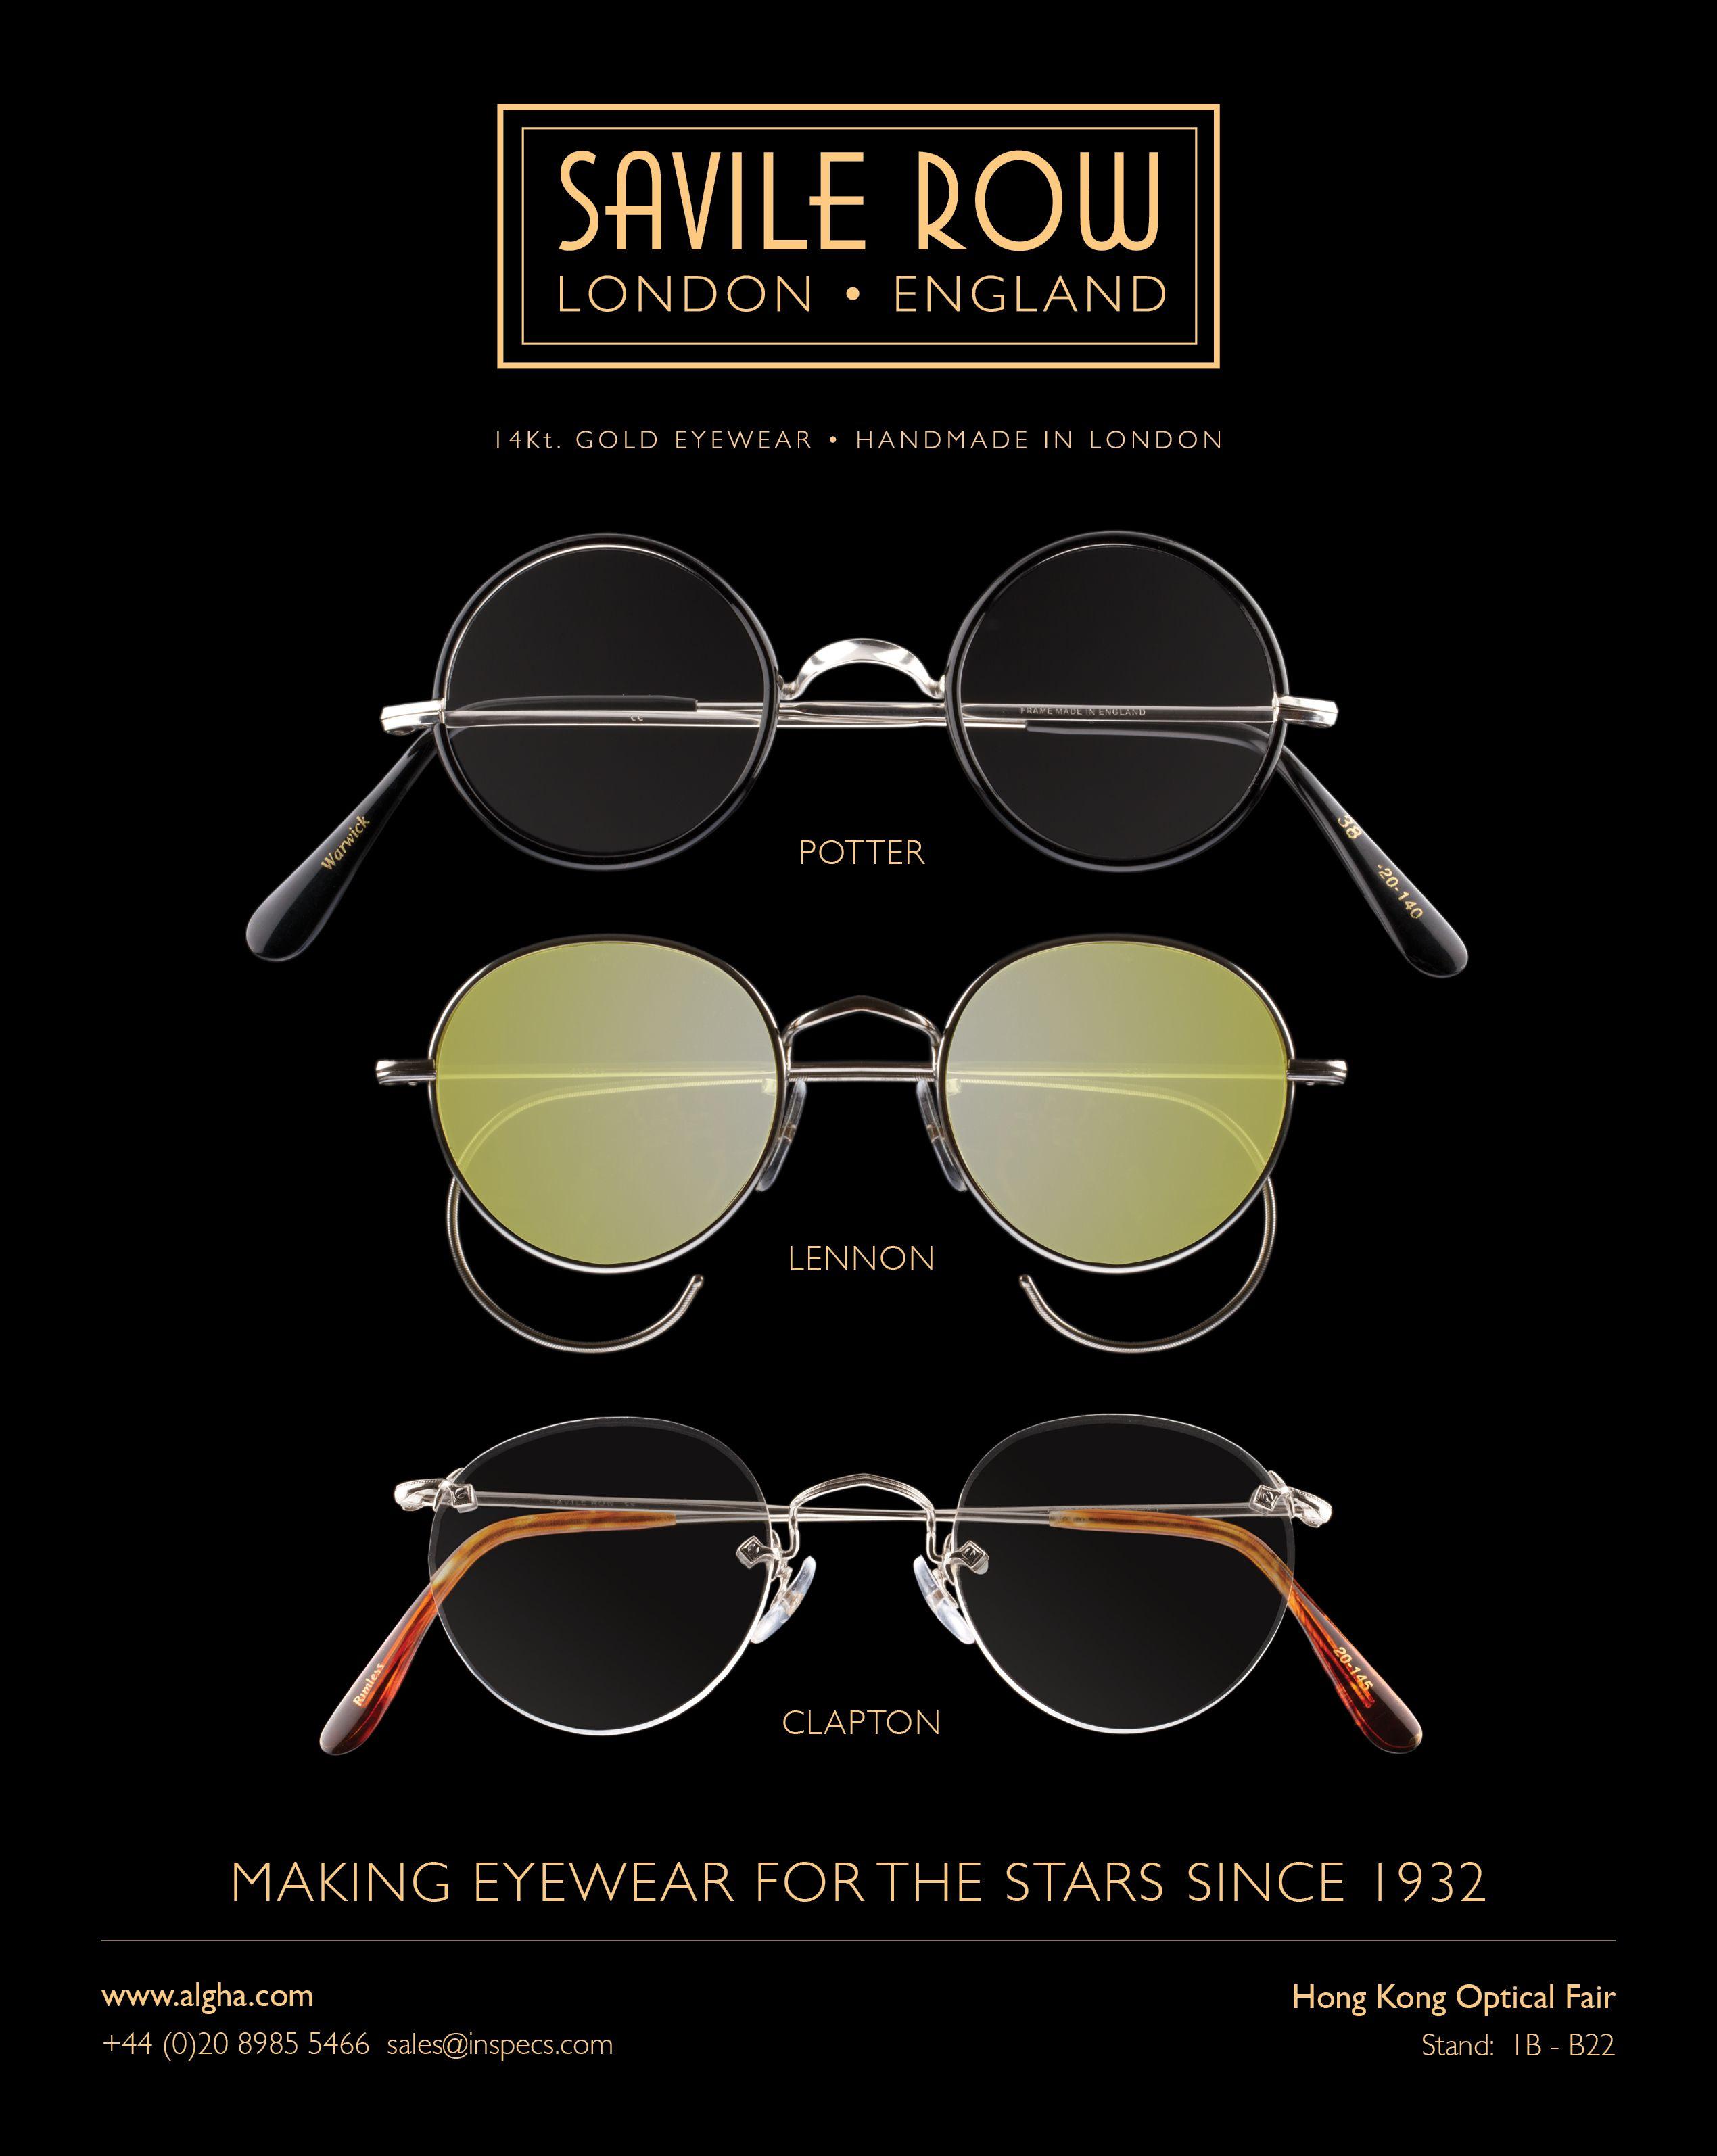 c97d7e651c0 Savile Row Eyewear